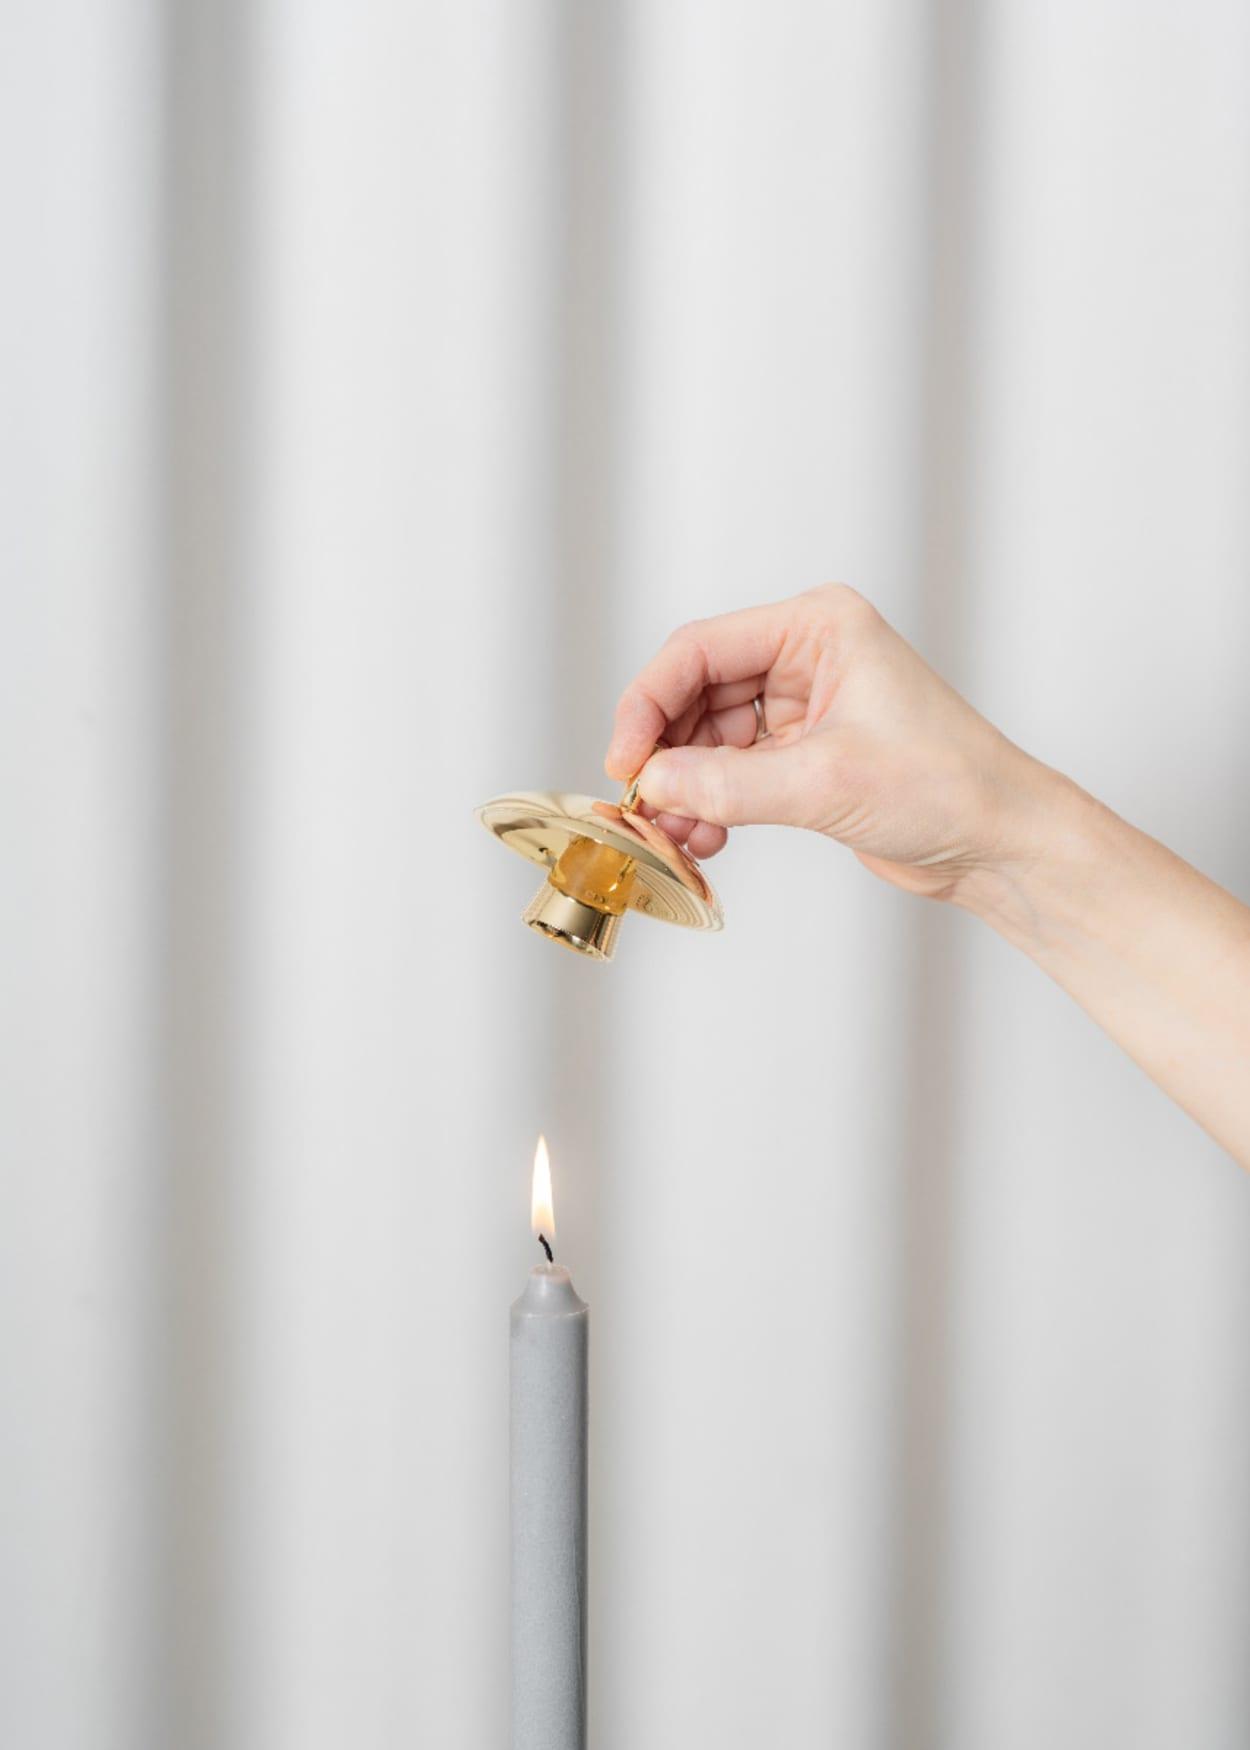 Messing-Löschhütchen von Skultuna, Kerzenlöscher, Löschnapf, Flammentöter